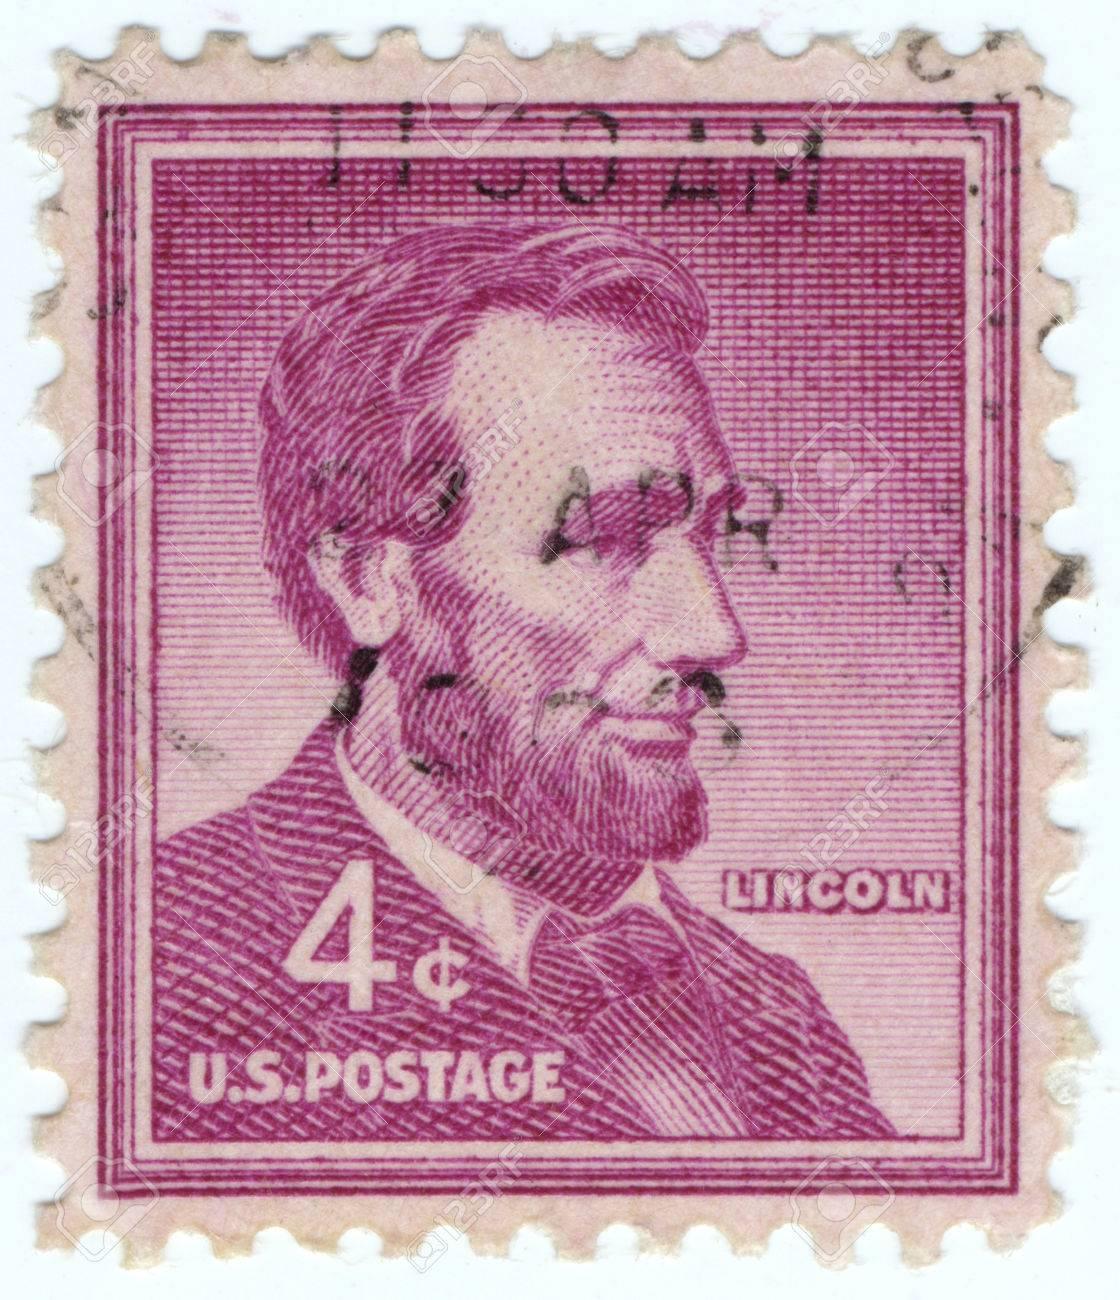 Timbre Lincoln